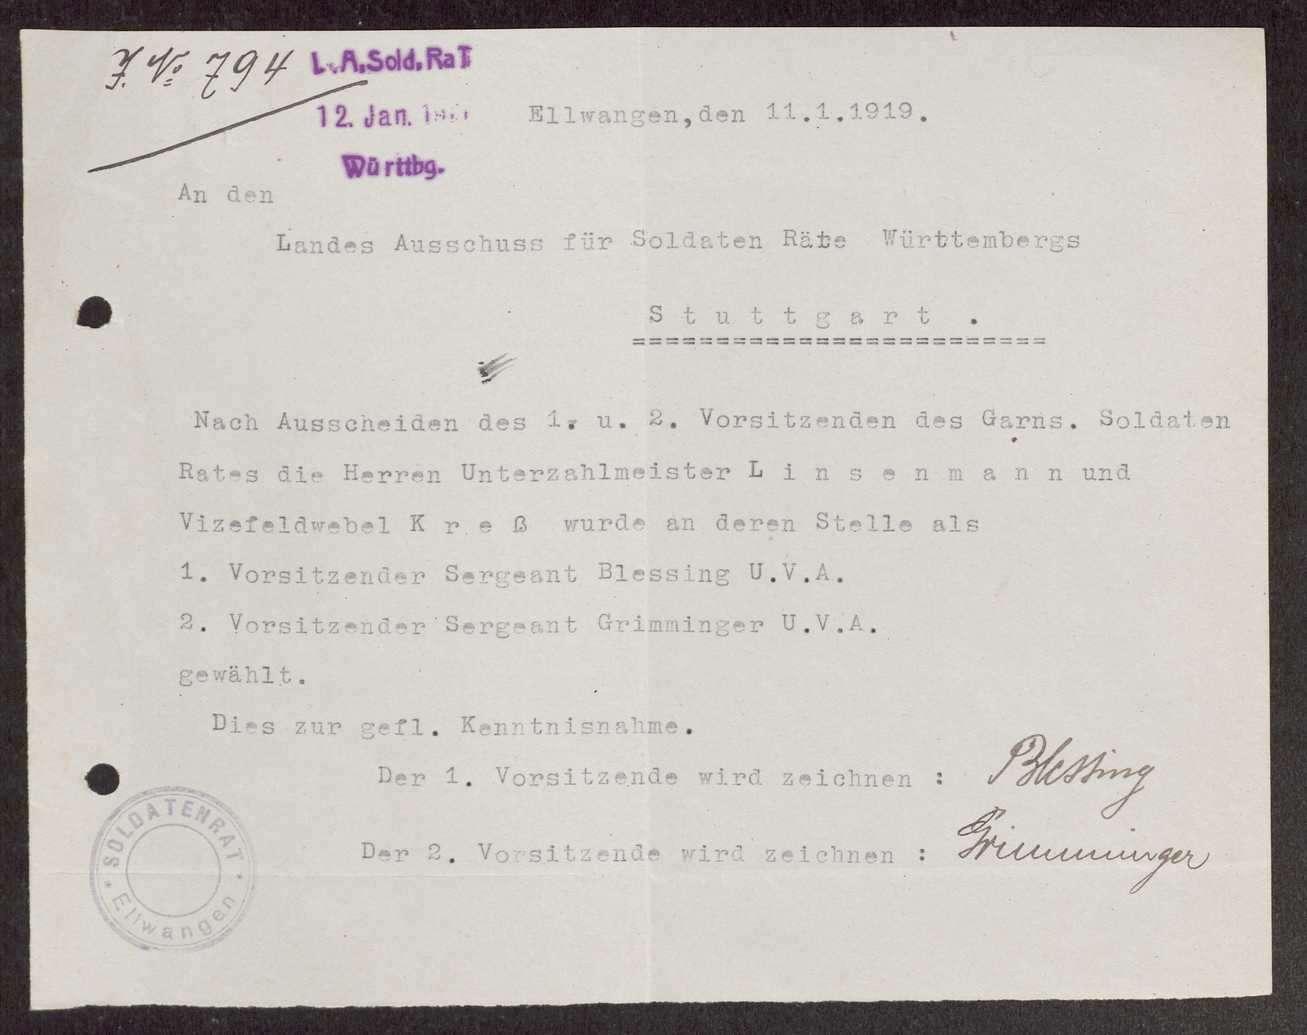 Garnisonsrat Ellwangen: Bildung, Wahl und Zusammensetzung, Aufhebung, Bild 1